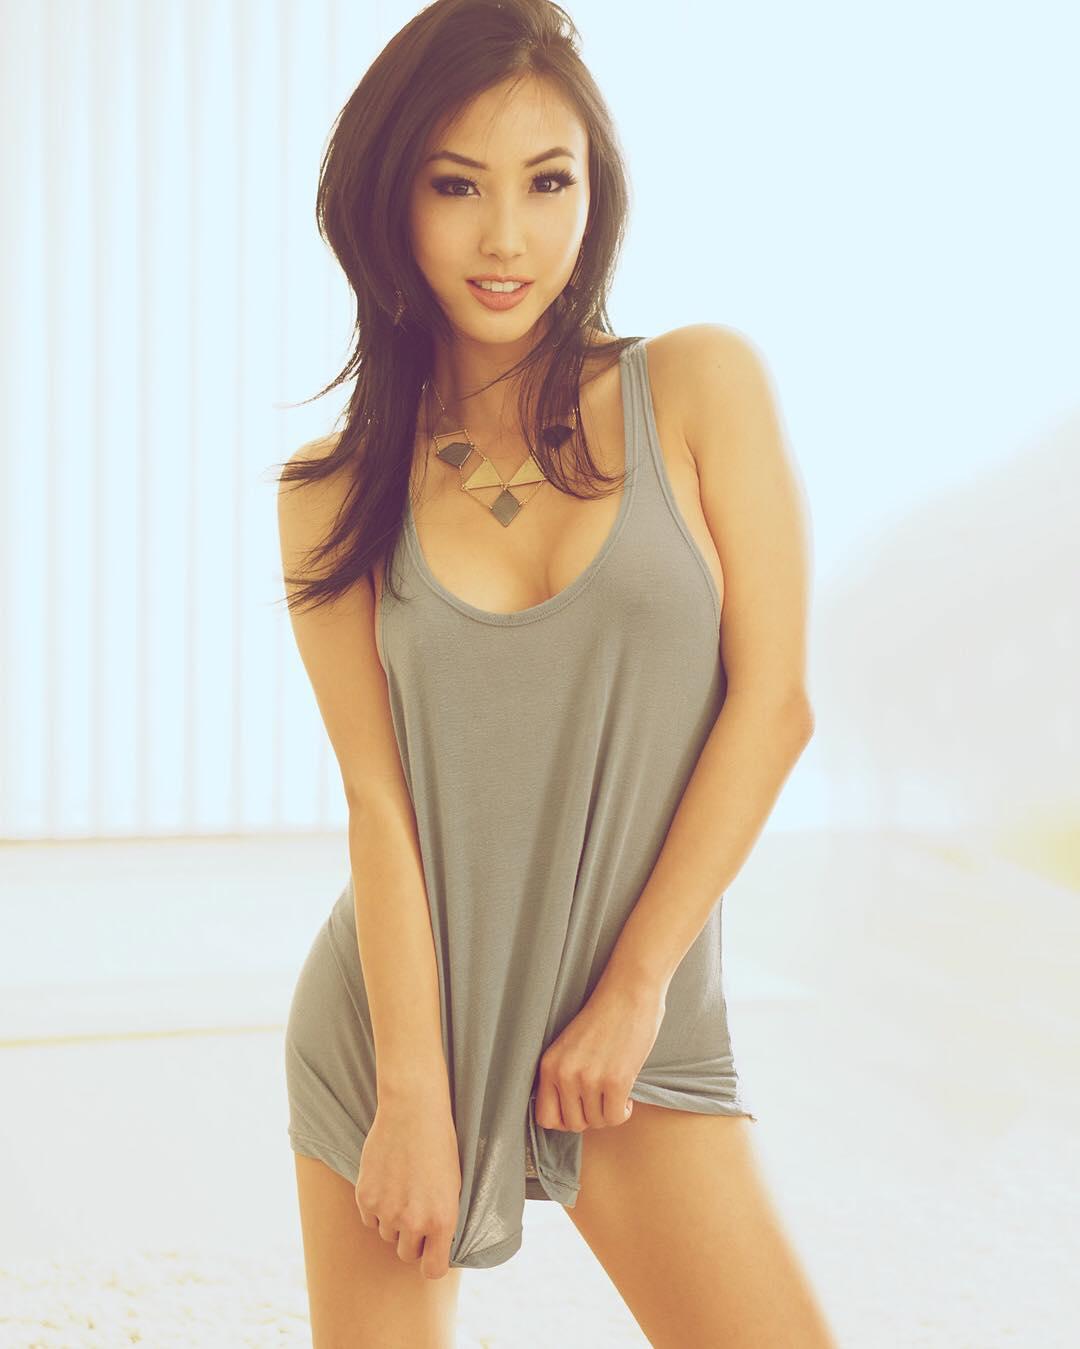 Asian sexy woman with big breast in black bikini on the bed